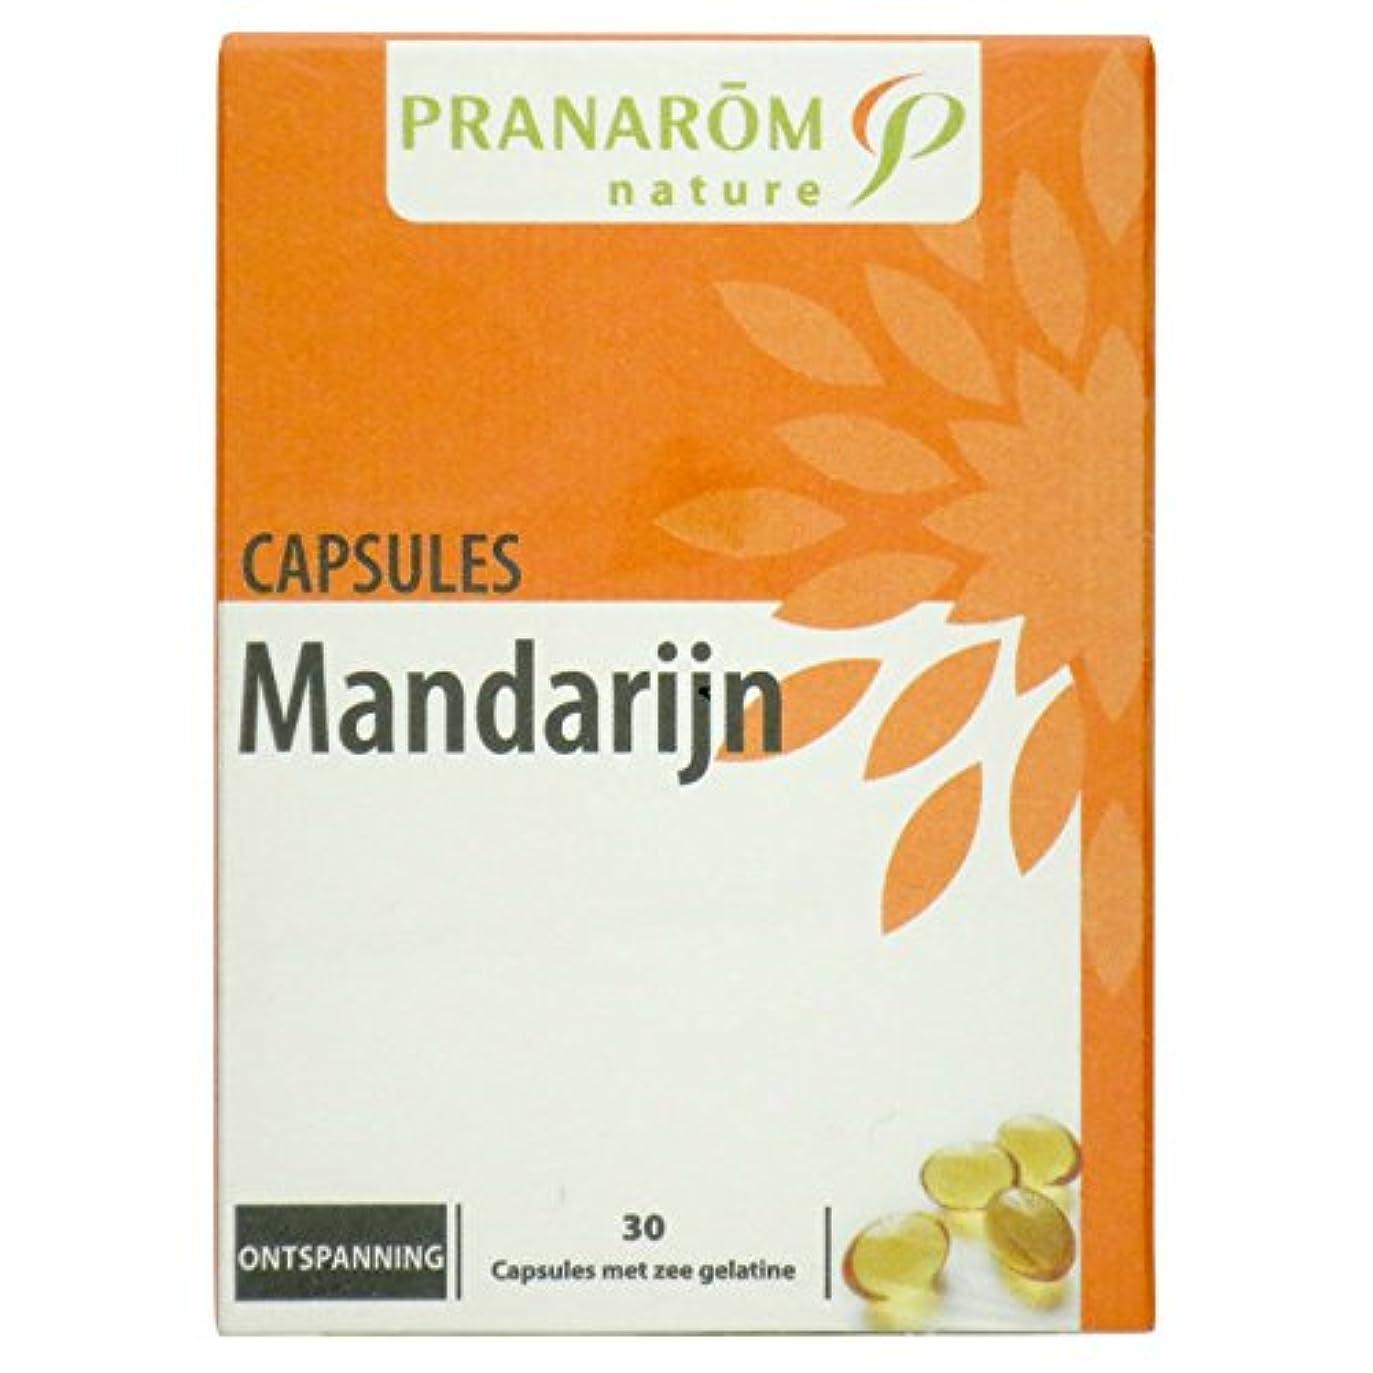 エキゾチックオセアニアプロジェクタープラナロム マンダリンカプセル 30粒 (PRANAROM サプリメント)